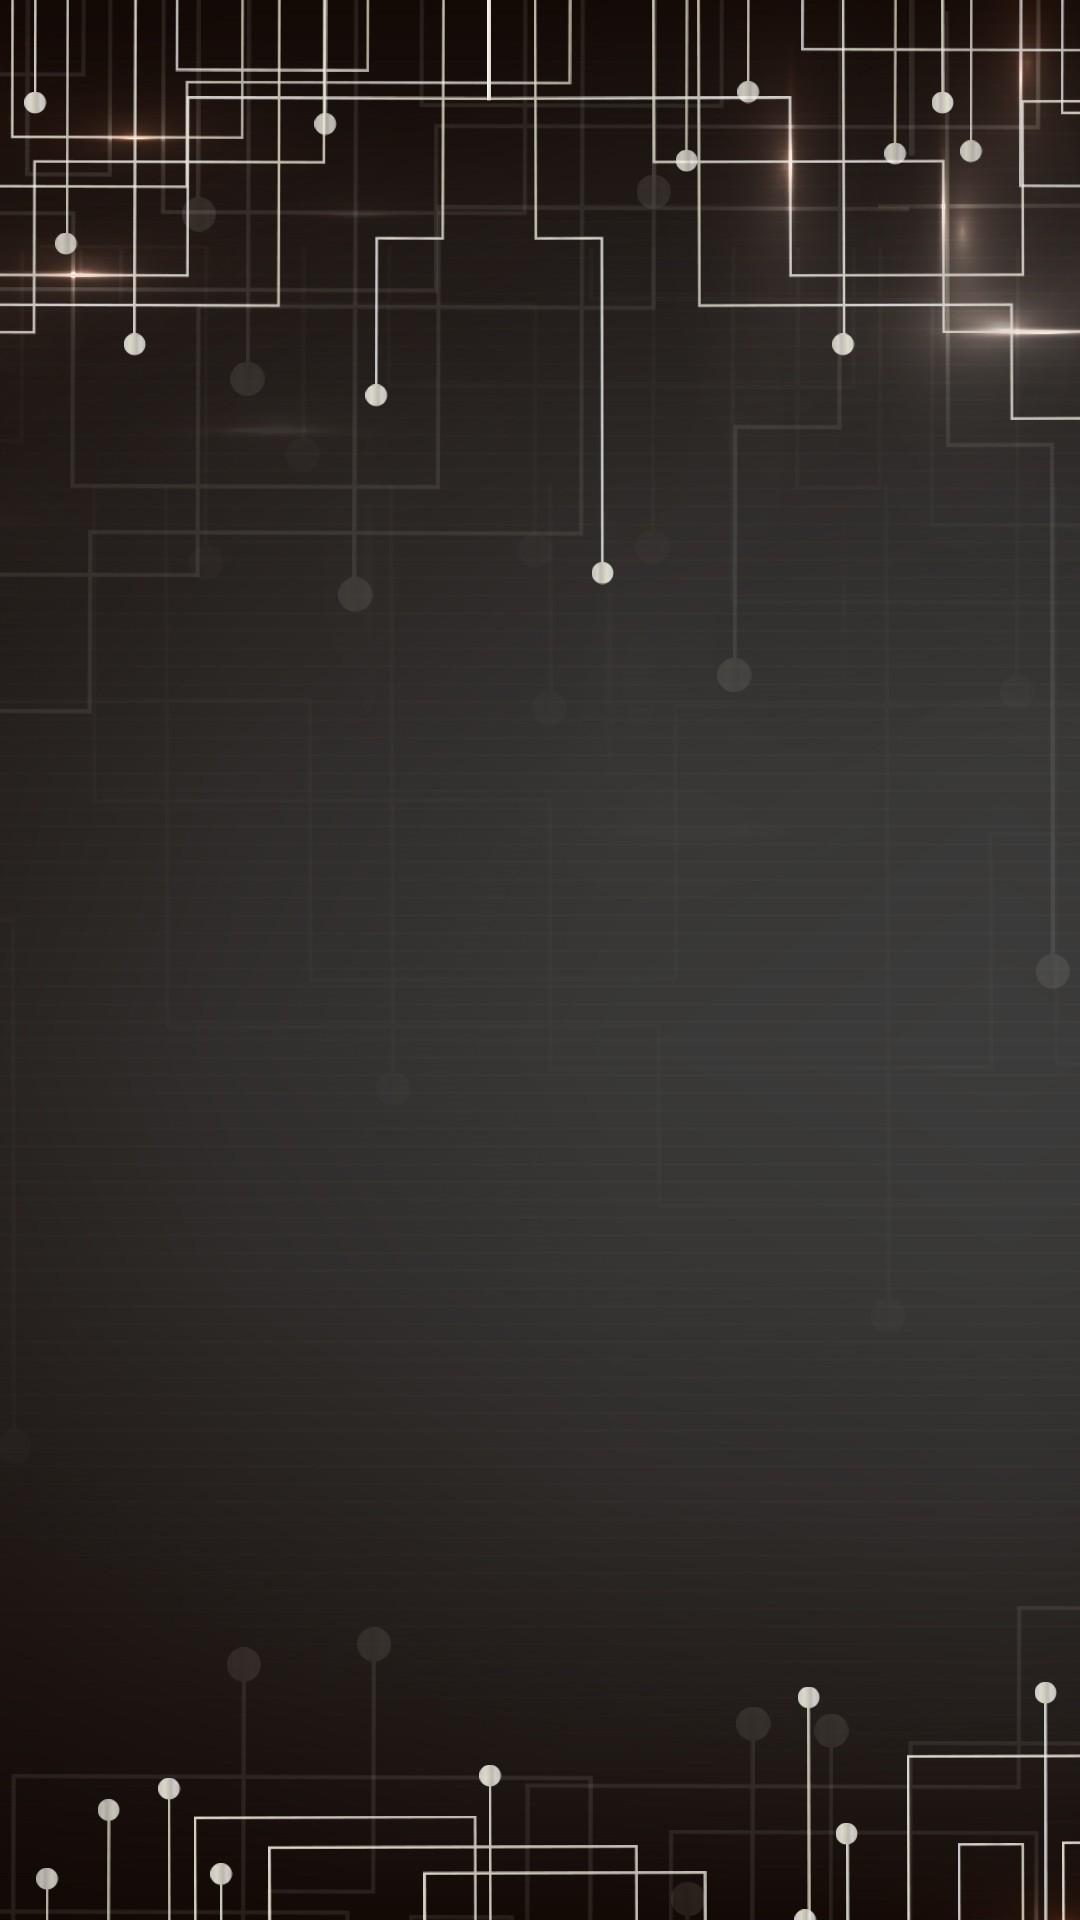 Vector iPhone wallpaper